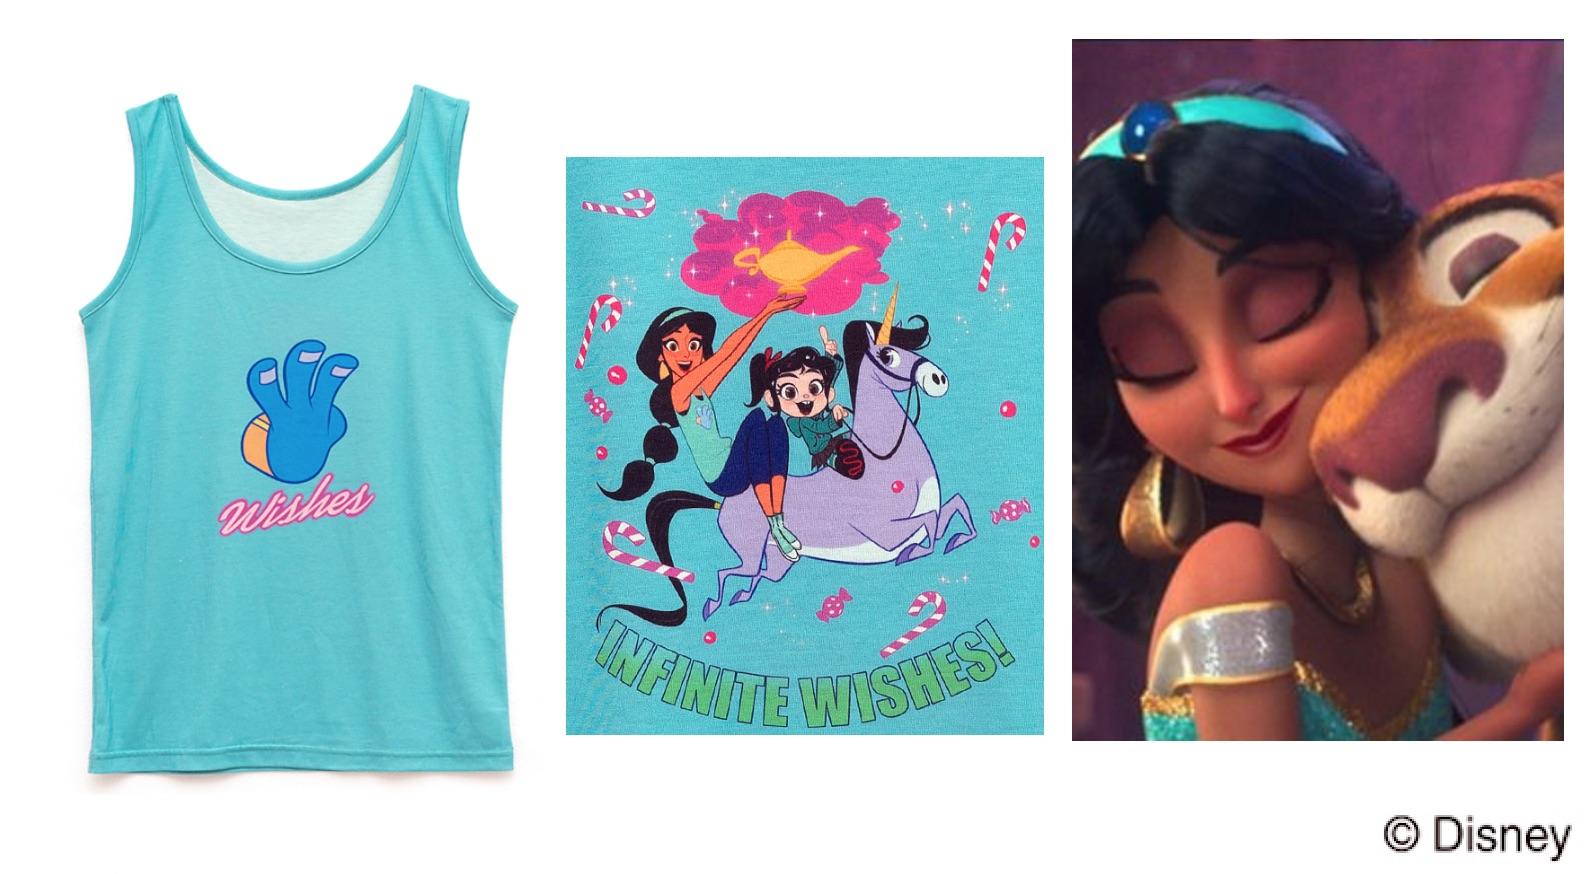 ジャスミン(アラジン)シュガーラッシュオンライン、プリンセスの私服Tシャツに隠された意味って?